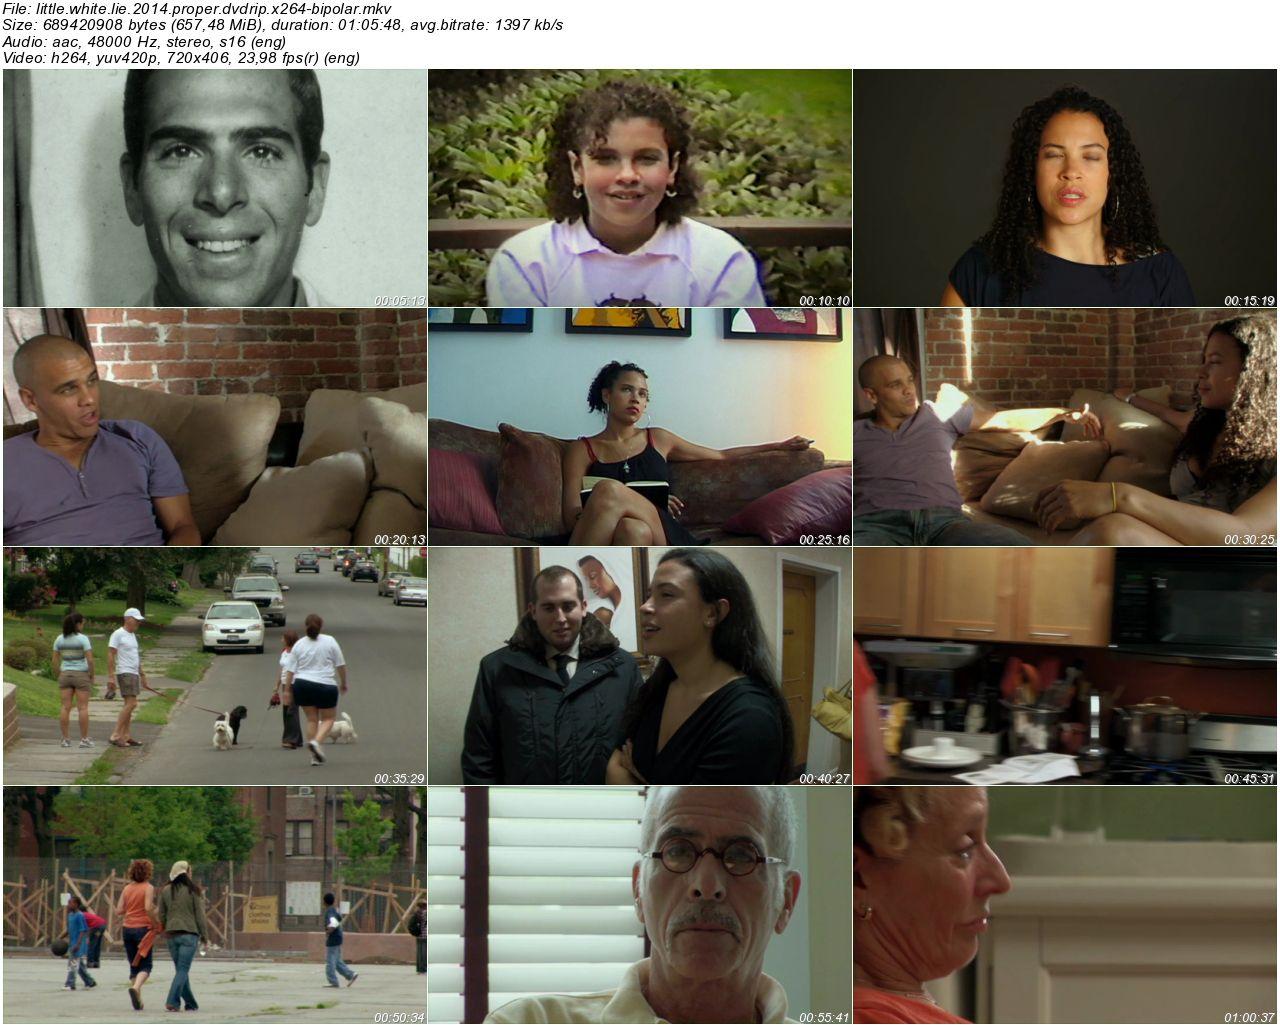 Little White Lie - 2014 DVDRip x264 - Türkçe Altyazılı Tek Link indir